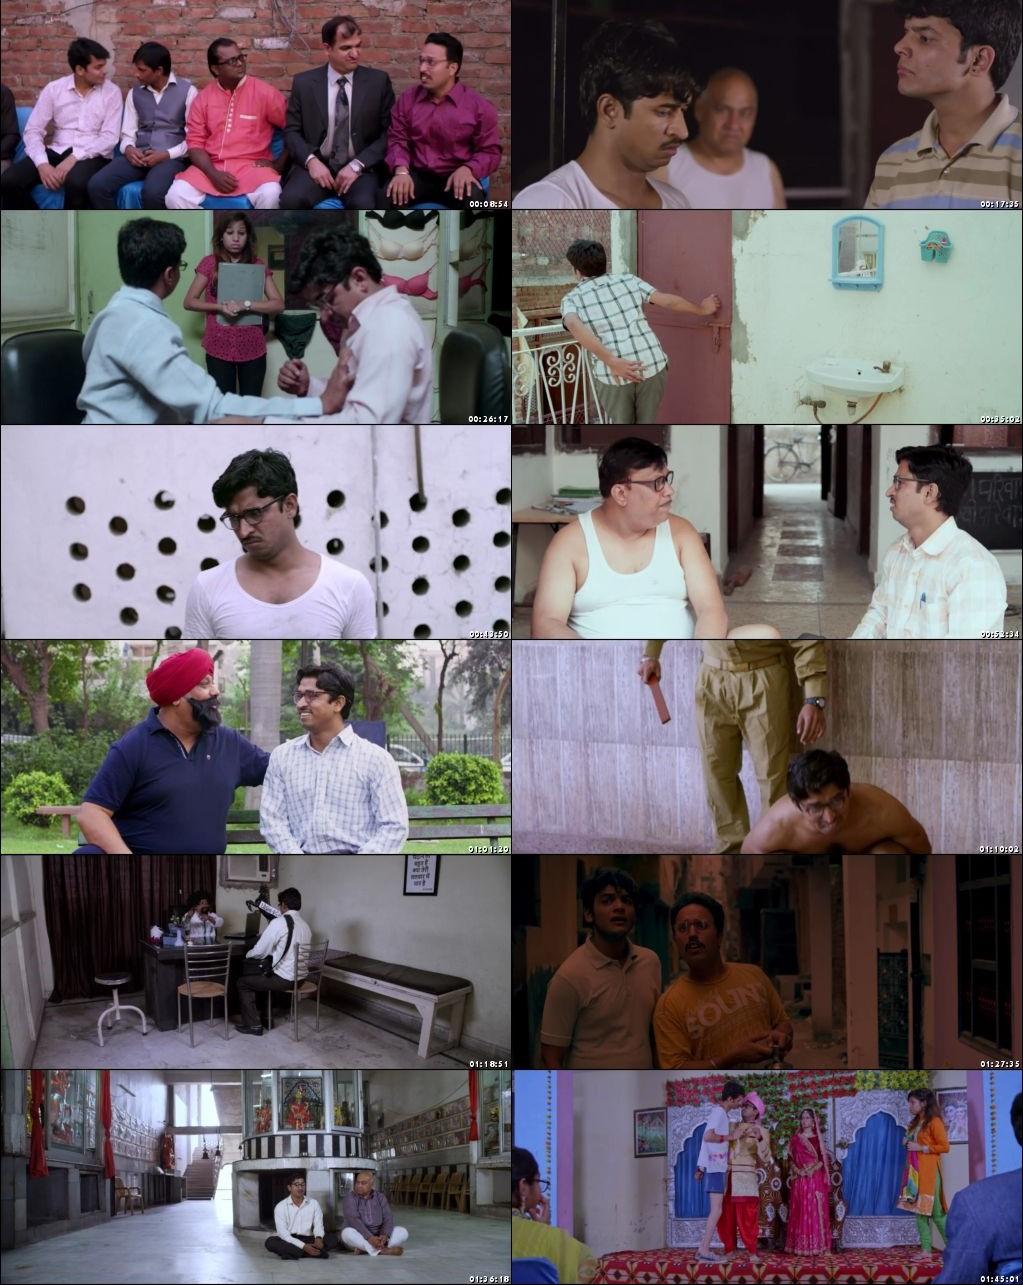 Umakant Pandey Purush Ya 2019 Full Hindi Movie Online Watch